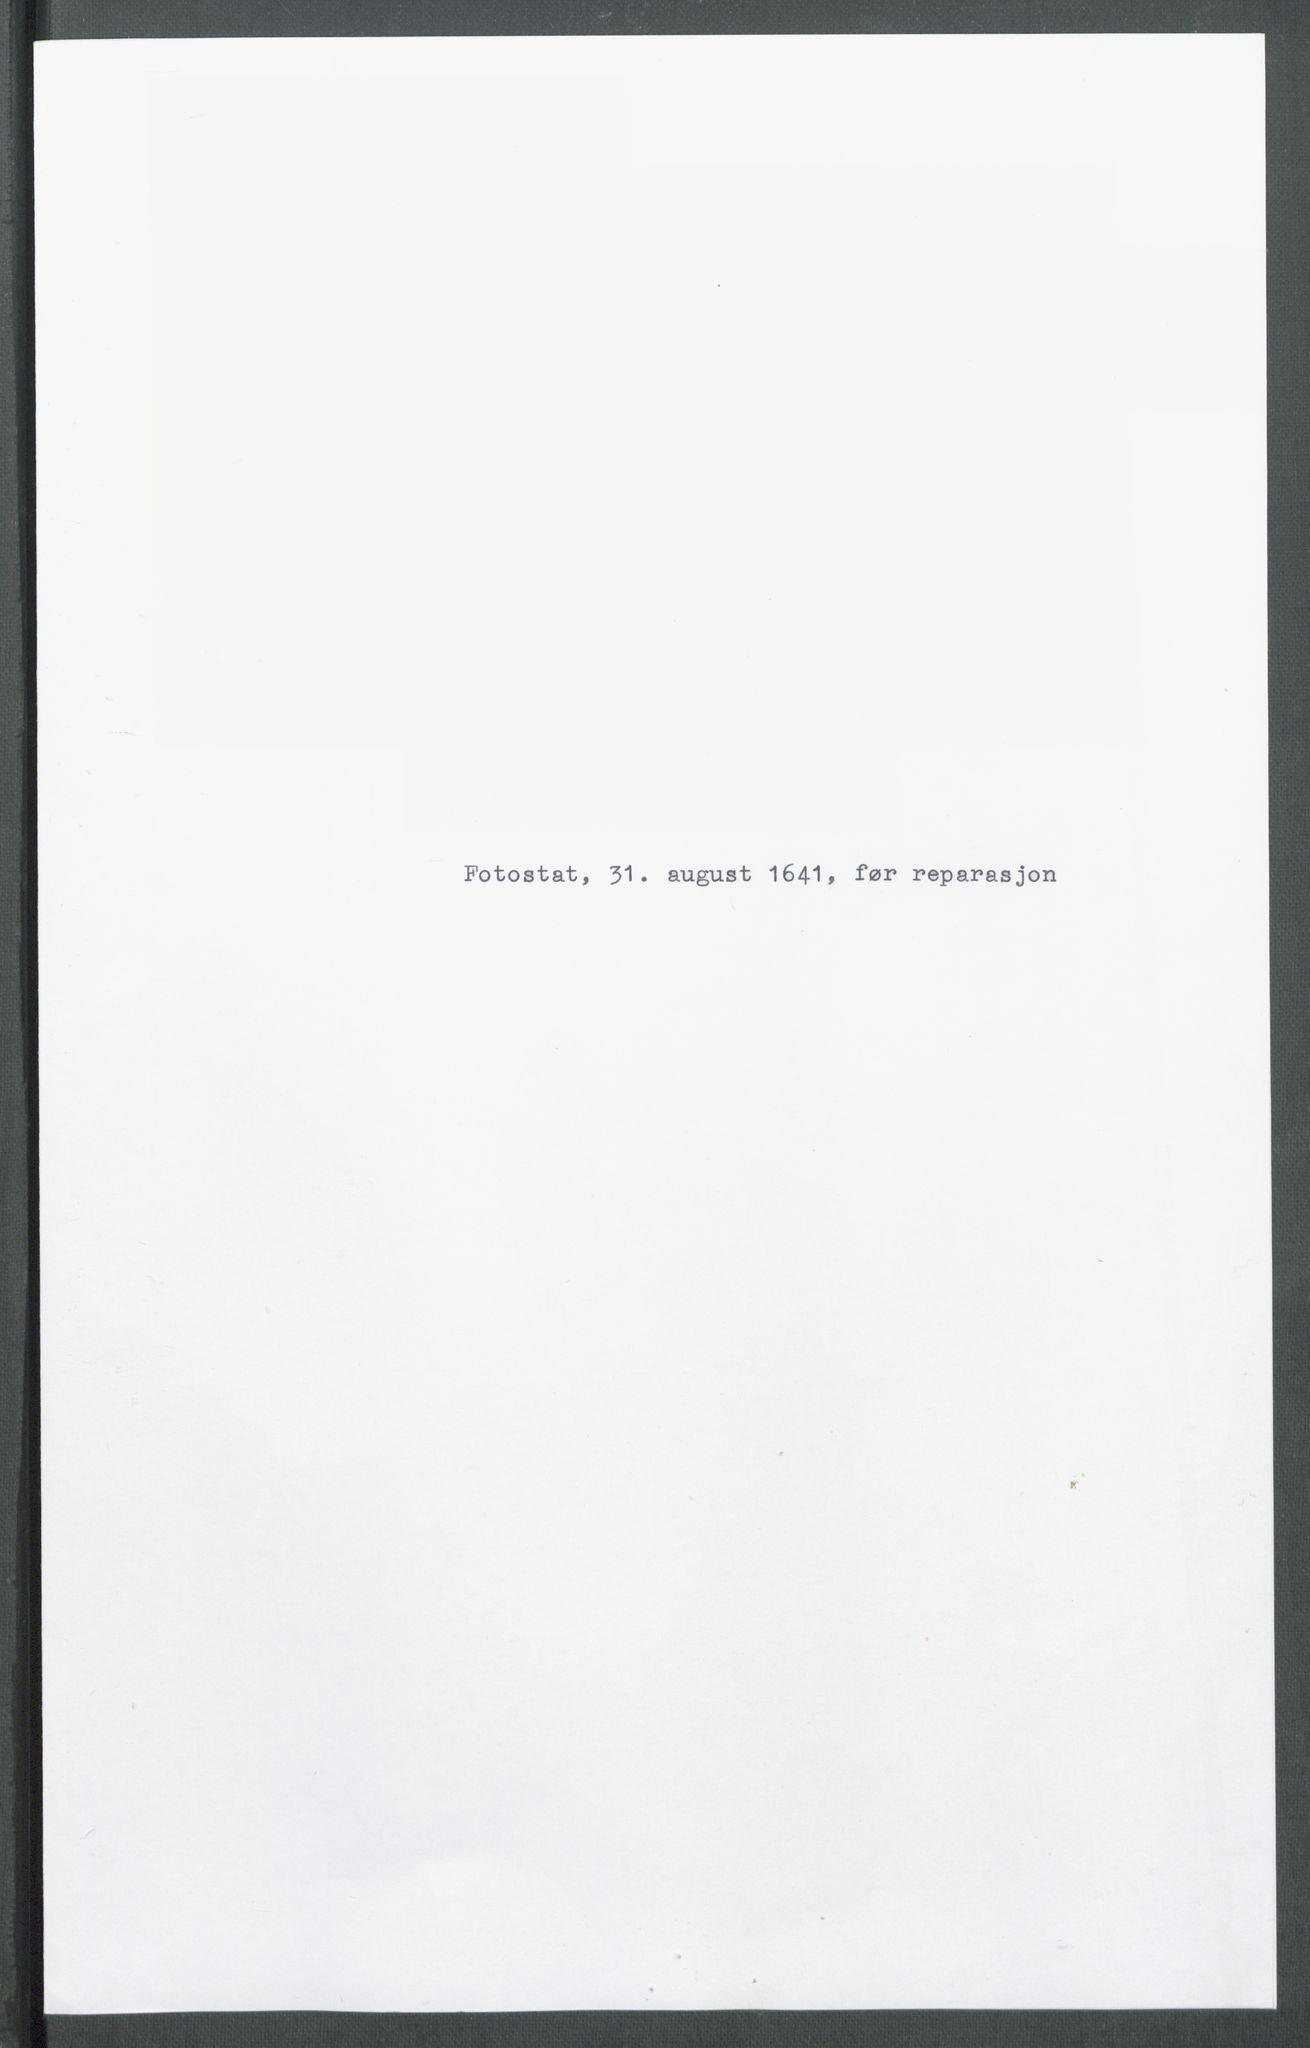 RA, Riksarkivets diplomsamling, F02/L0154: Dokumenter, 1641, p. 41